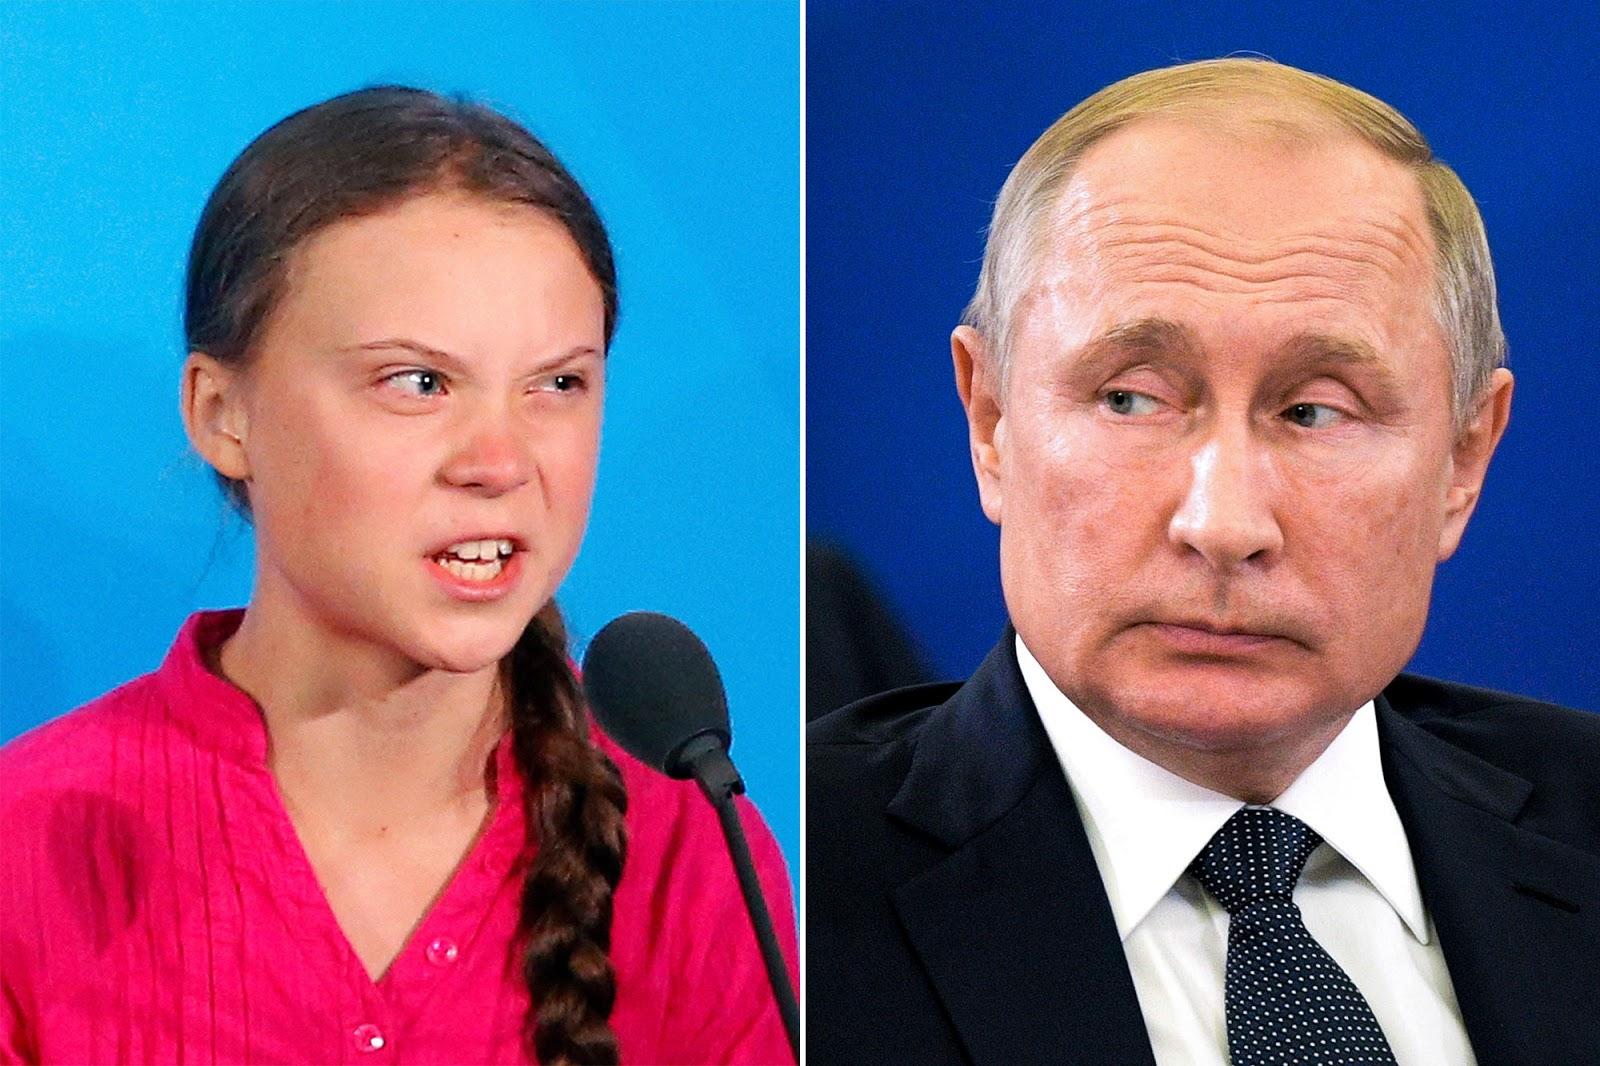 Putin sprezzante contro Greta all'Onu: